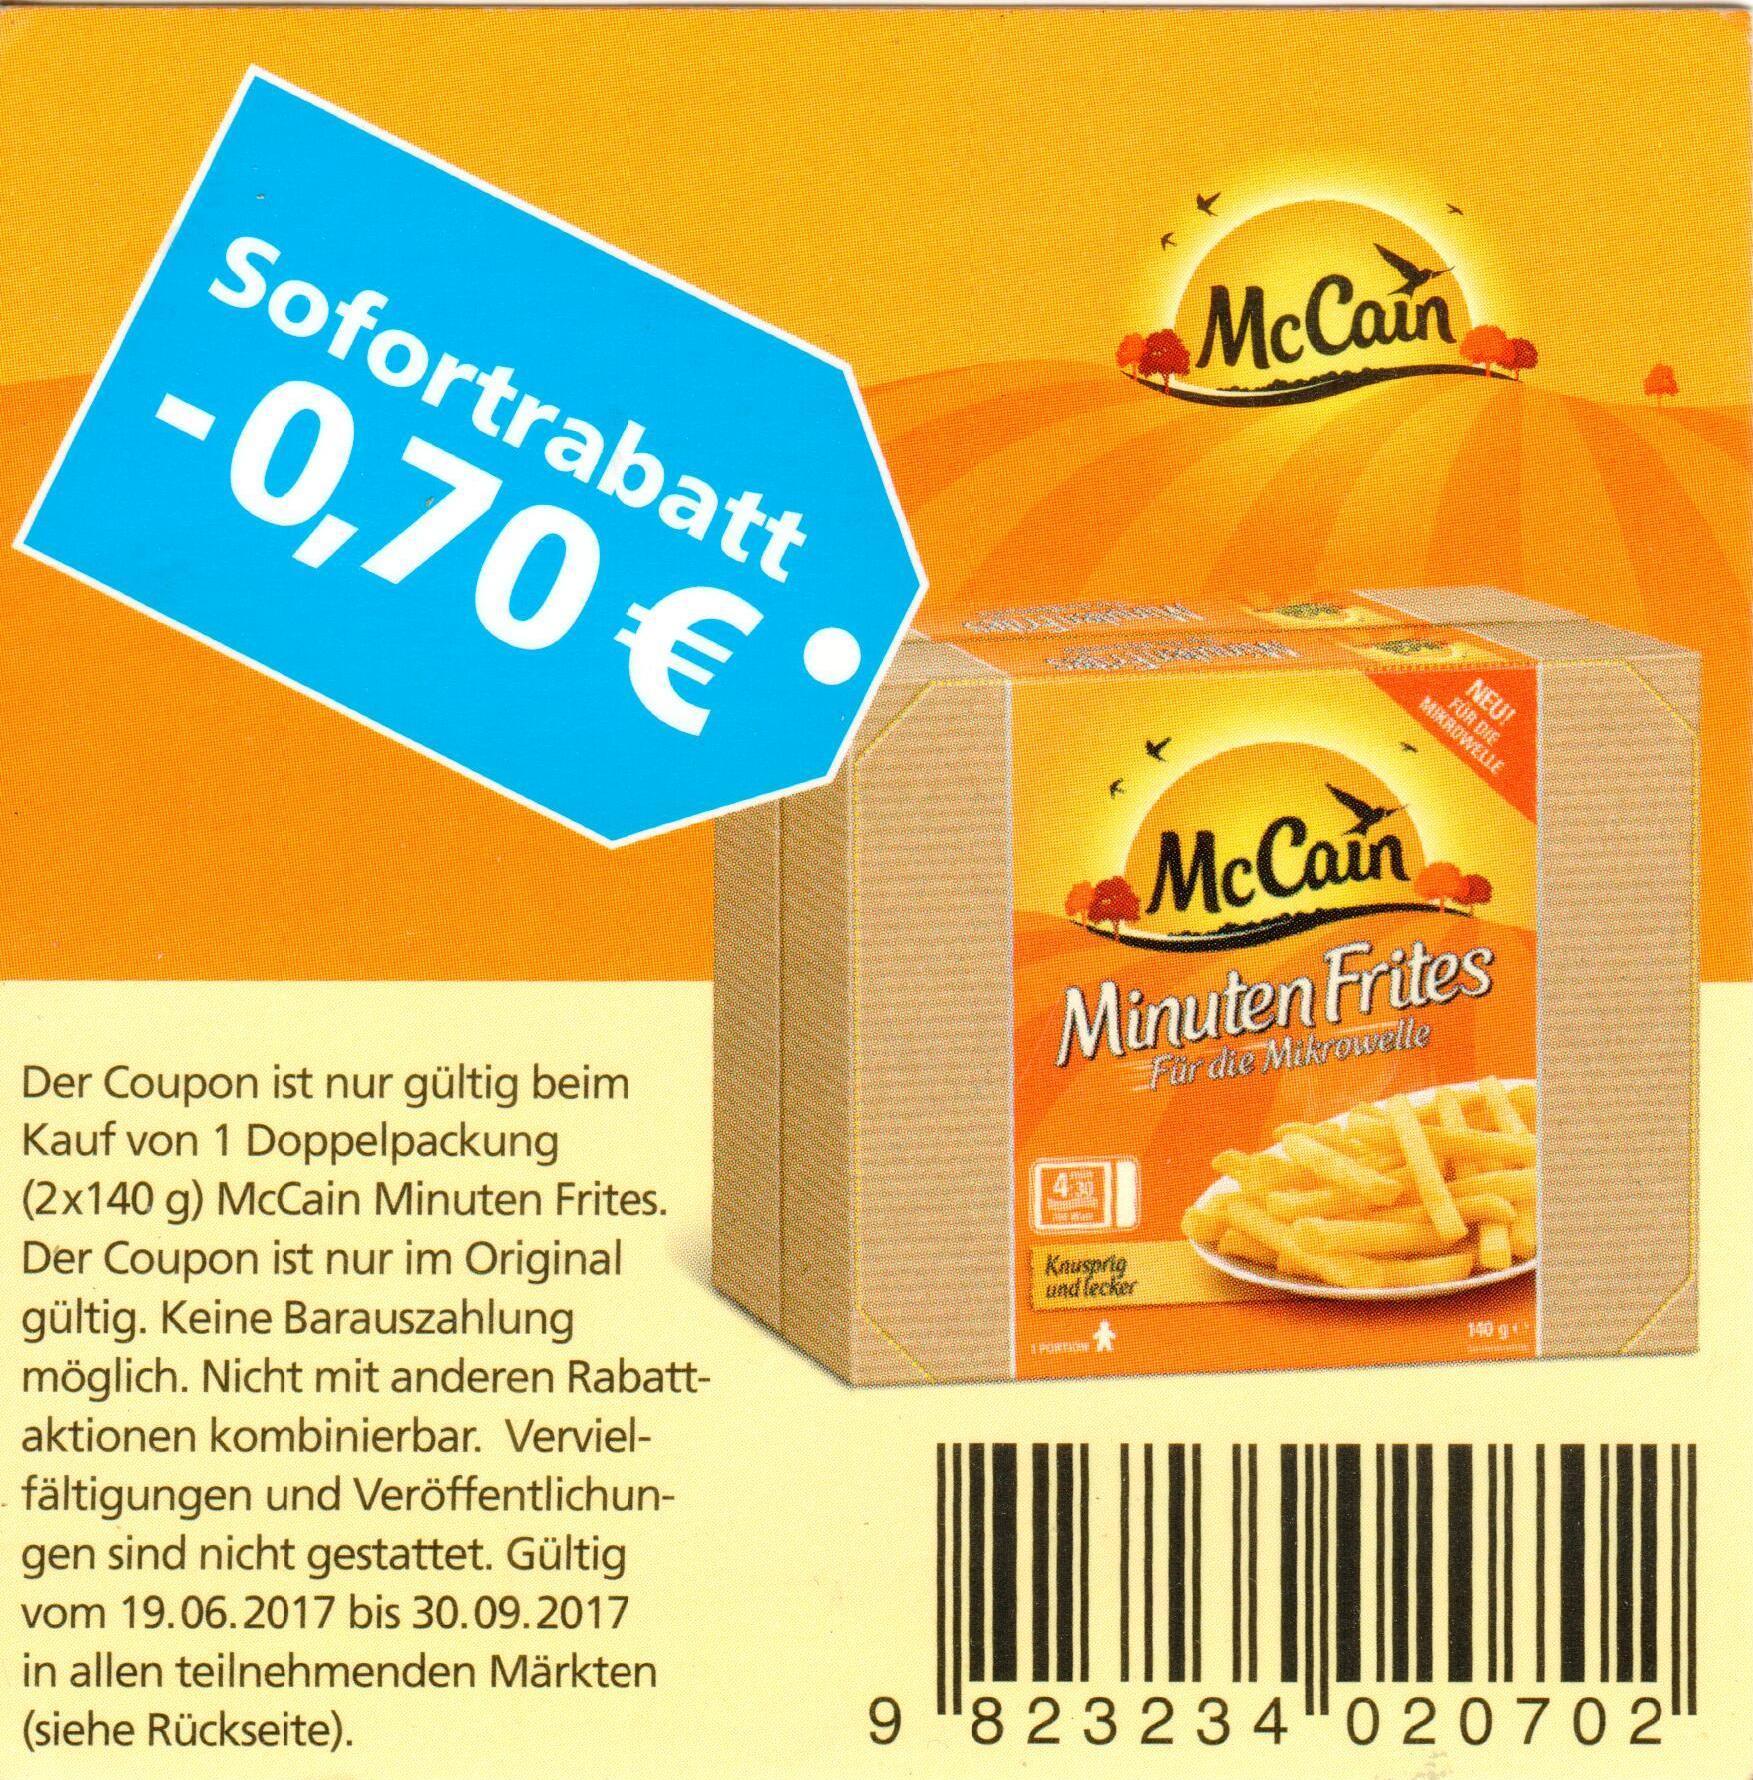 0,70€ Sofort-Rabatt-Coupon für eine Doppelpackung McCain Minuten Frites (2x140g) bis 30.09.2017 [bundesweit]